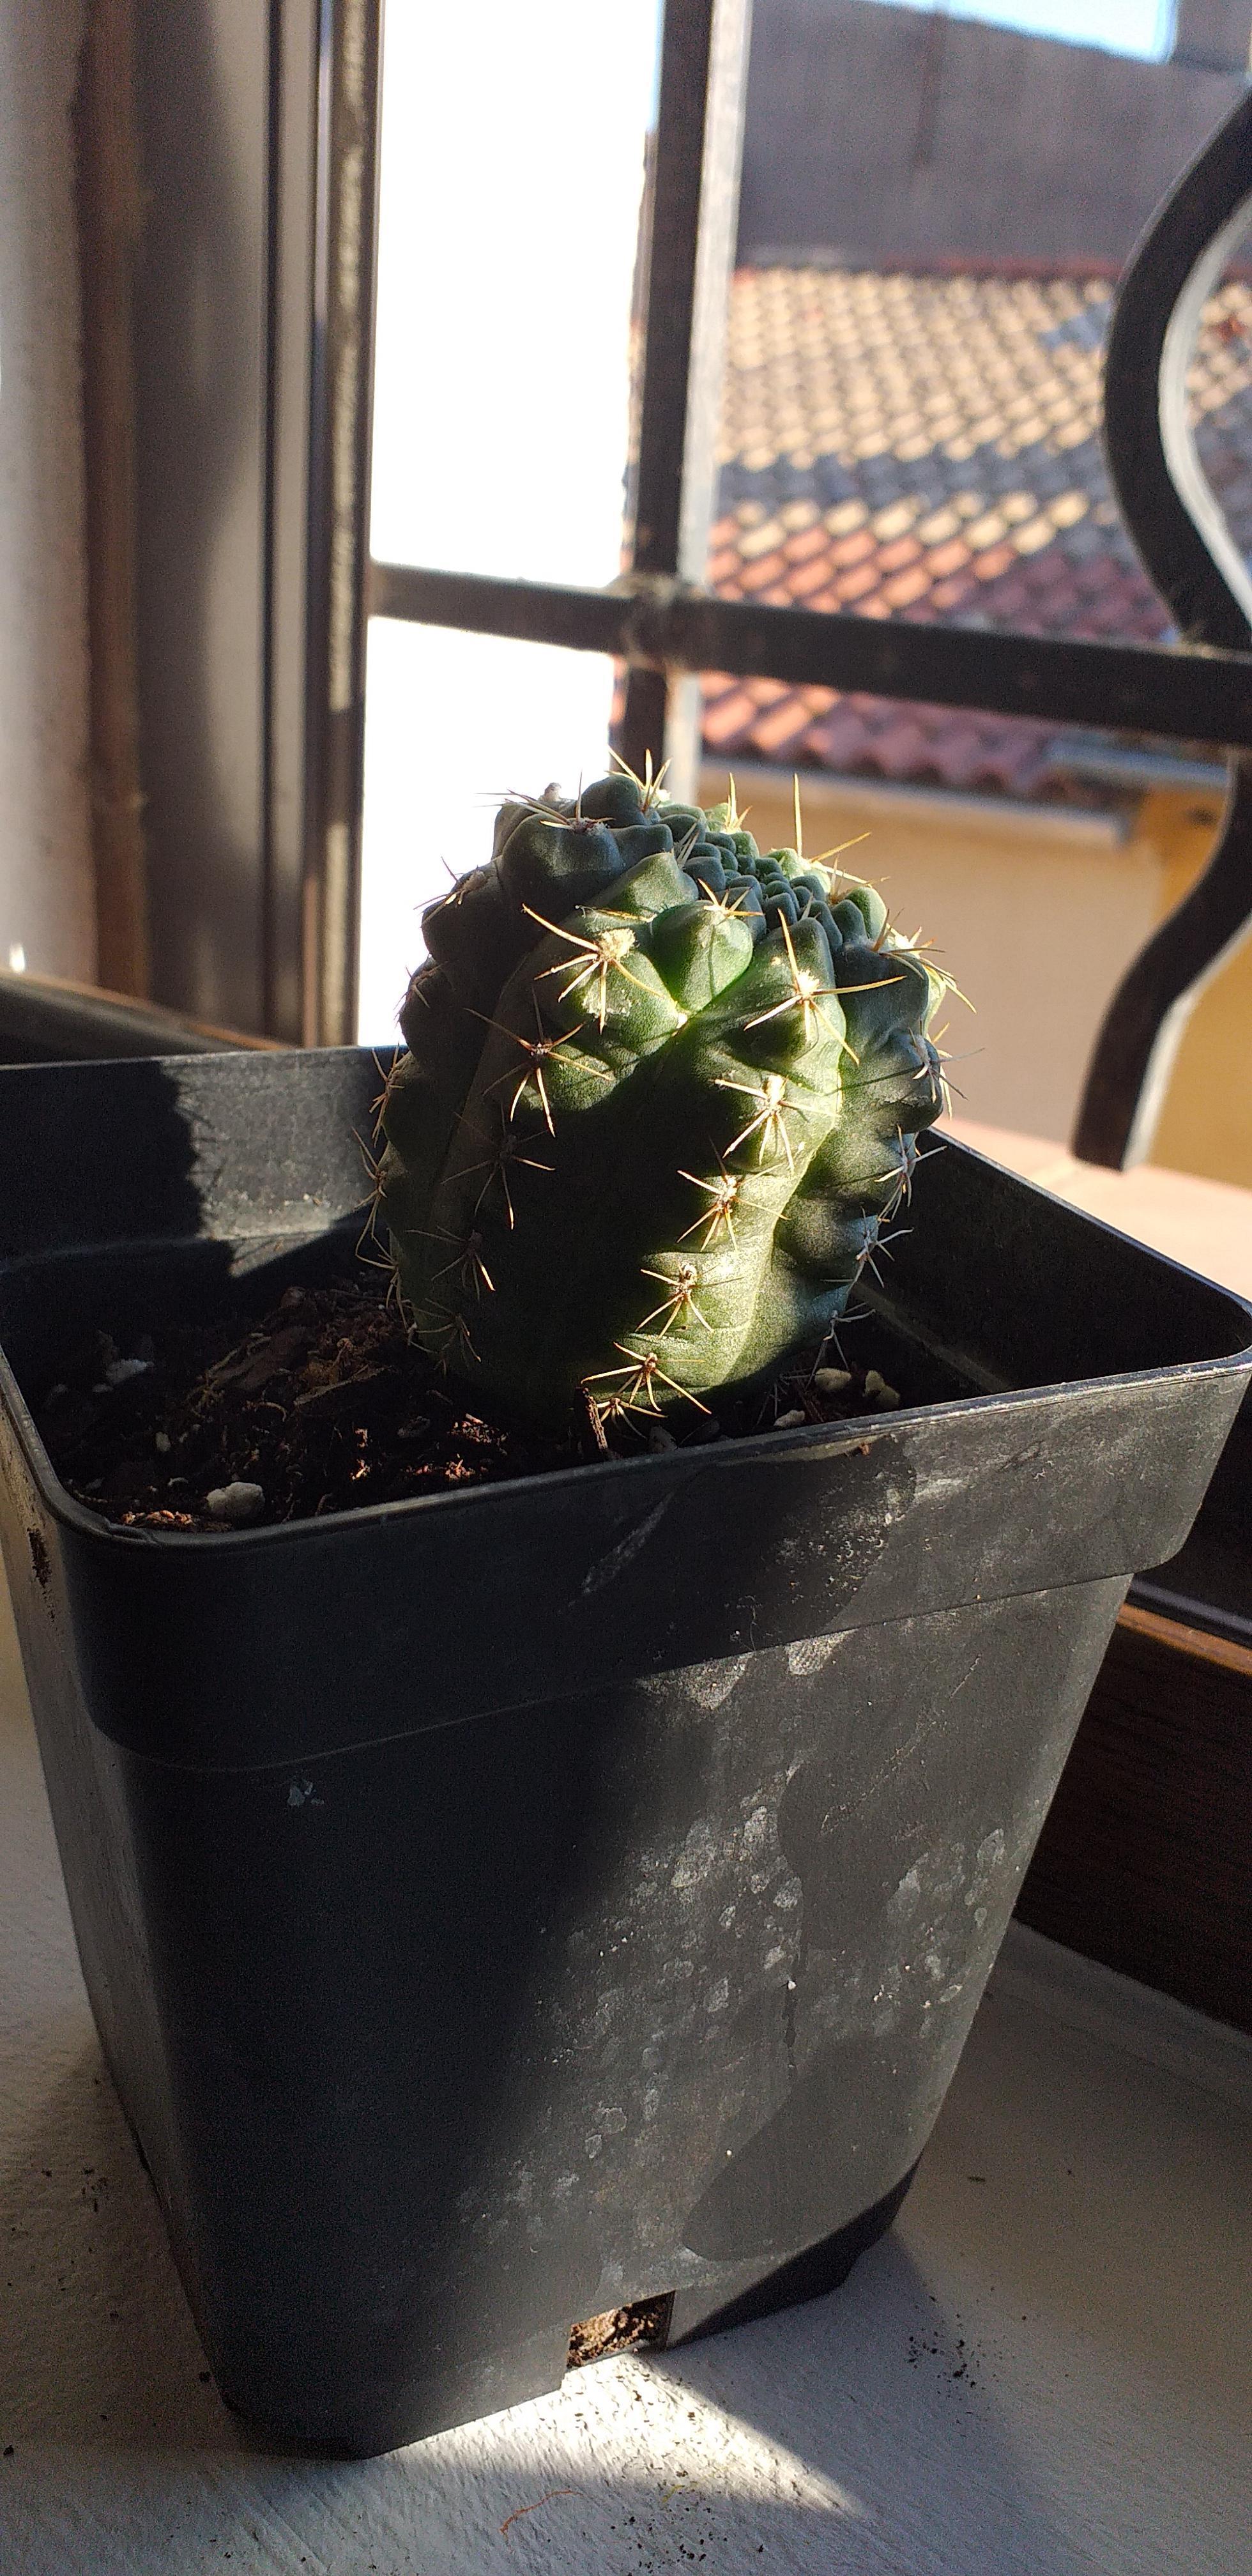 troc de troc cactus image 0